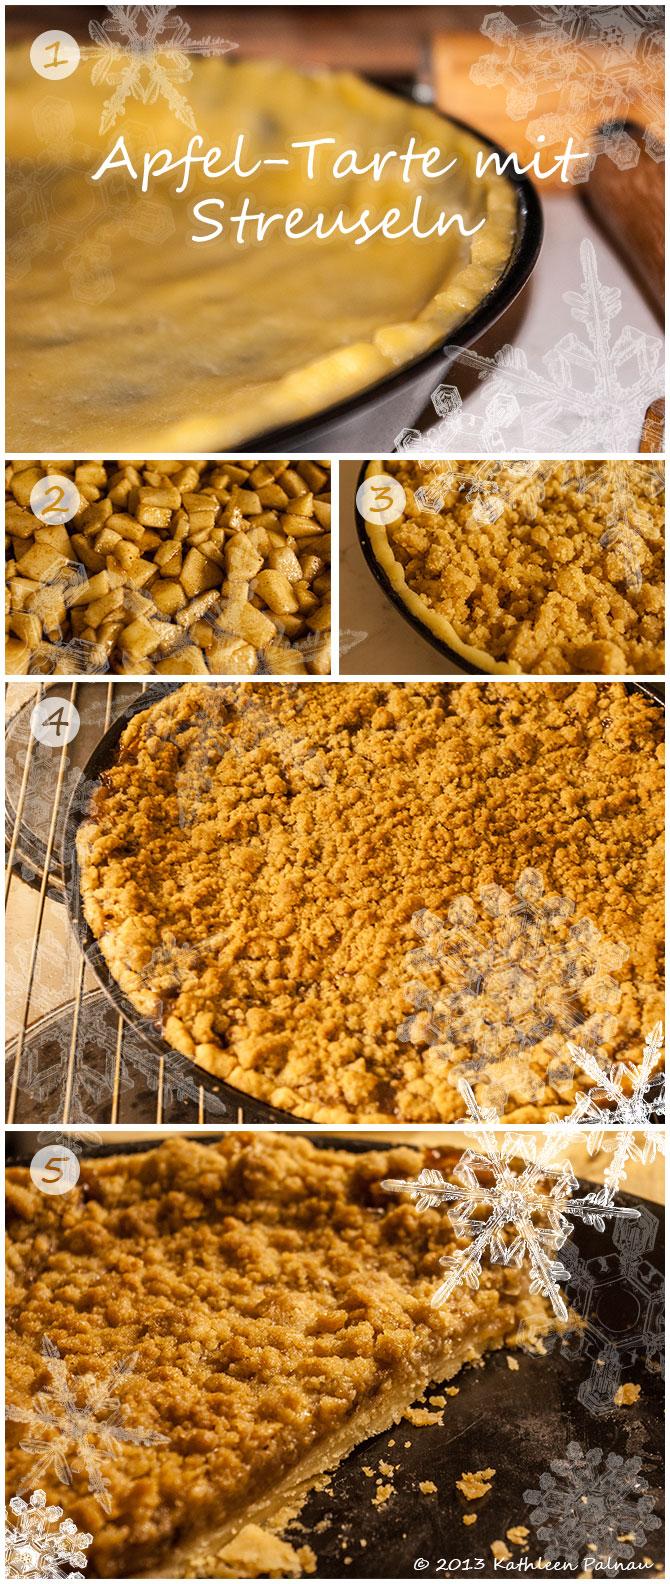 Apfel-Tarte mit Streuseln - Zubereitung